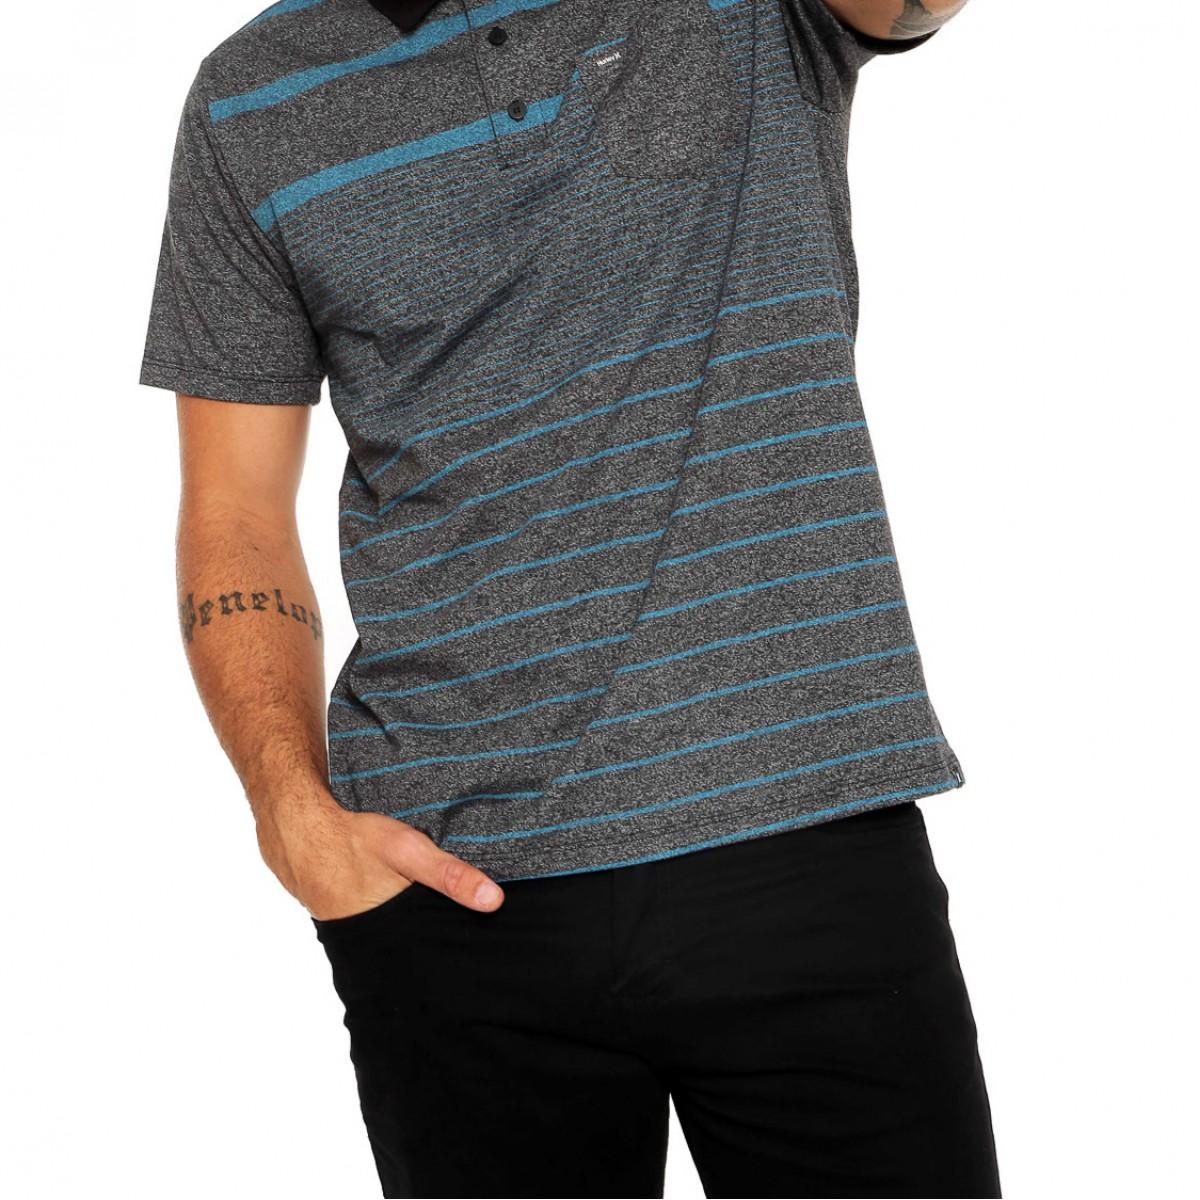 Camisa Polo Hurley Adams Masculina - Cinza e Azul